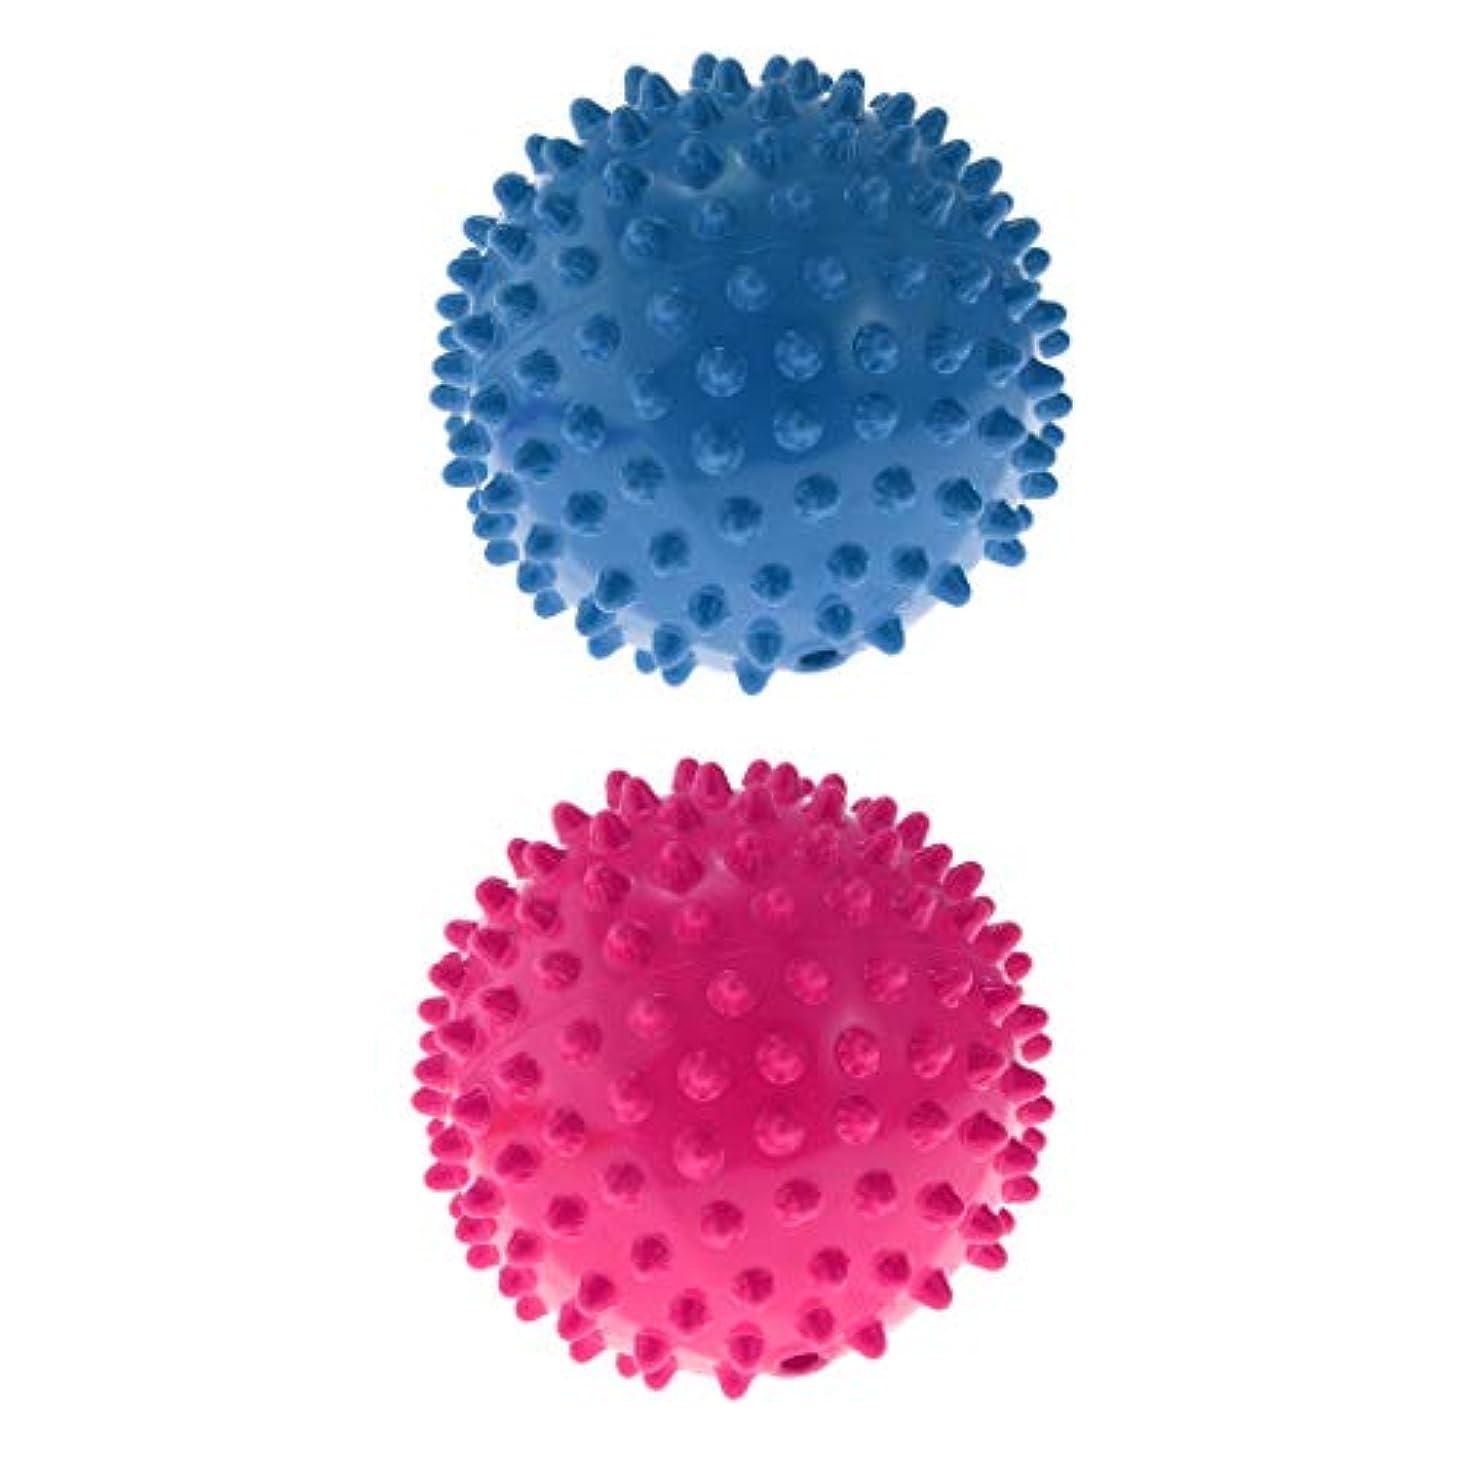 階ガラス政治家のCUTICATE 指圧マッサージボール ローラーボール マッサージローラー トリガーポイント 疲労軽減 痛み緩和